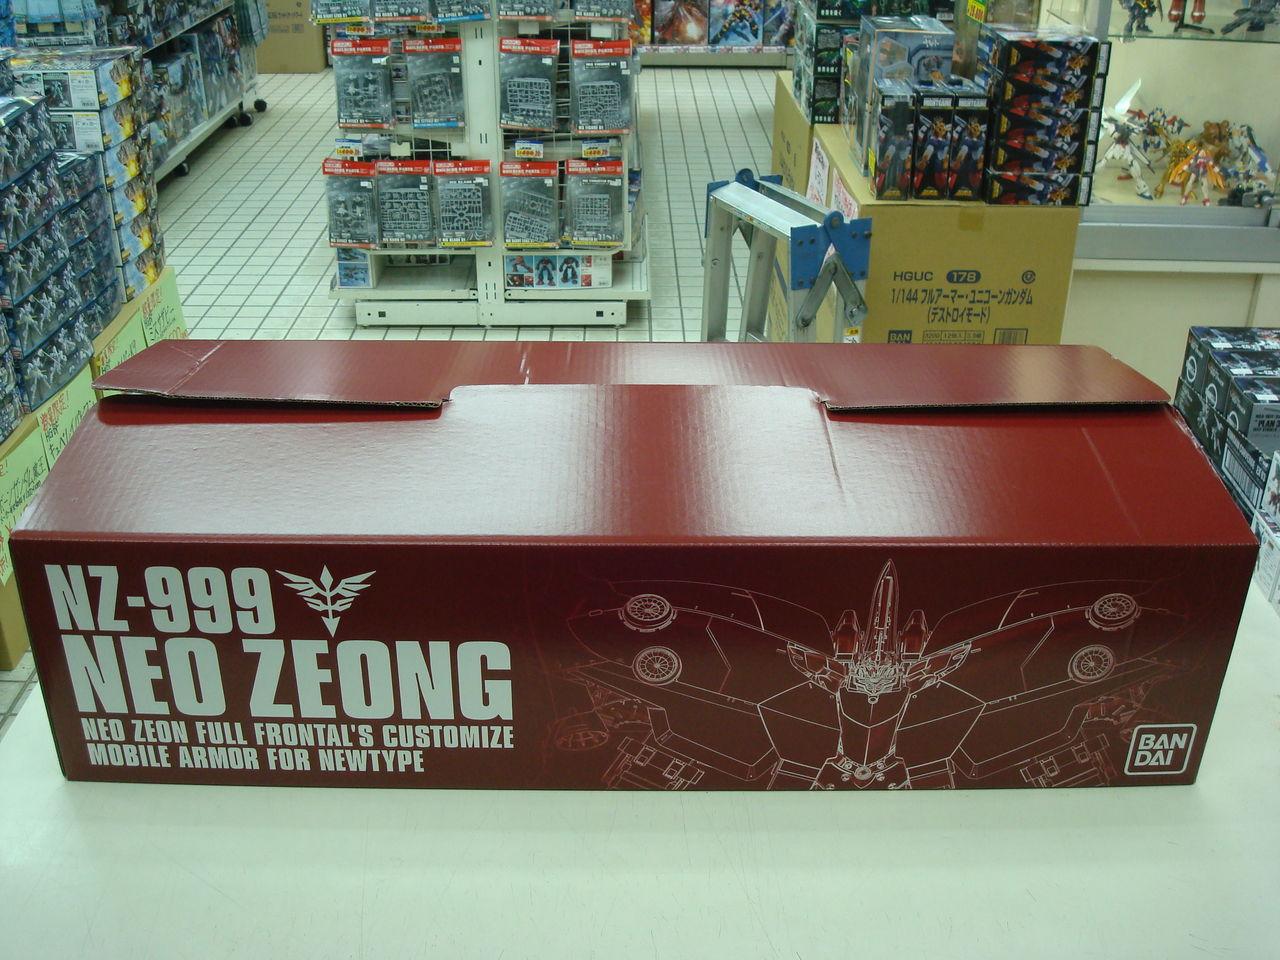 Neo Zeong Wallpaper Hguc 1/144 Neo Zeong